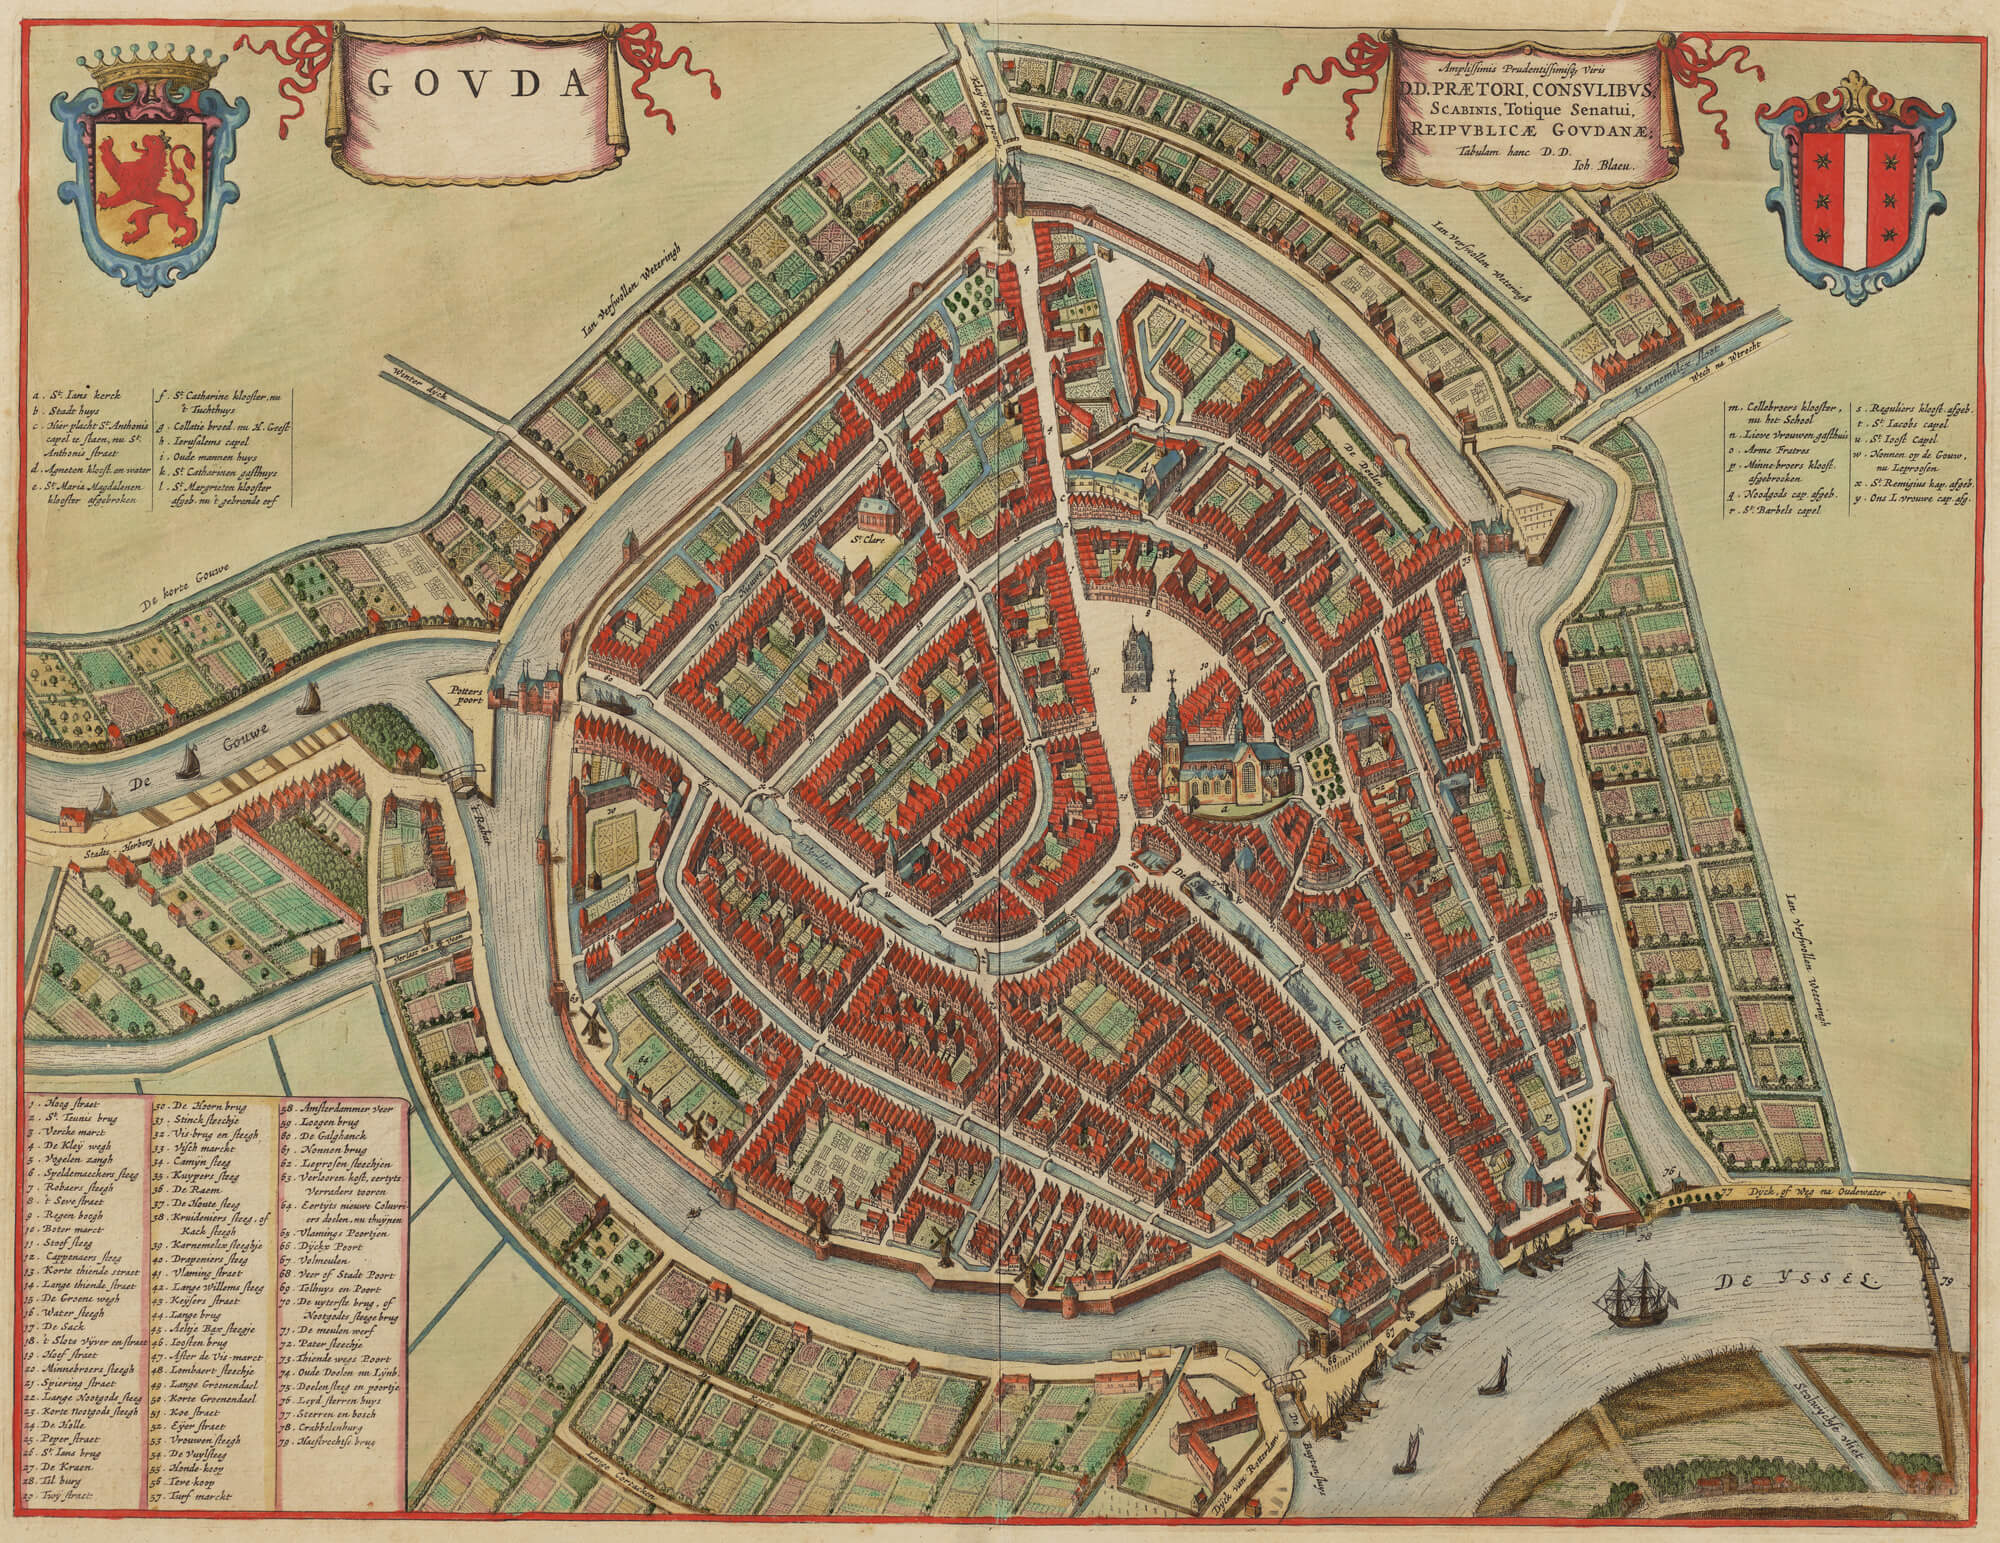 Центр города Гауда в 1650 году